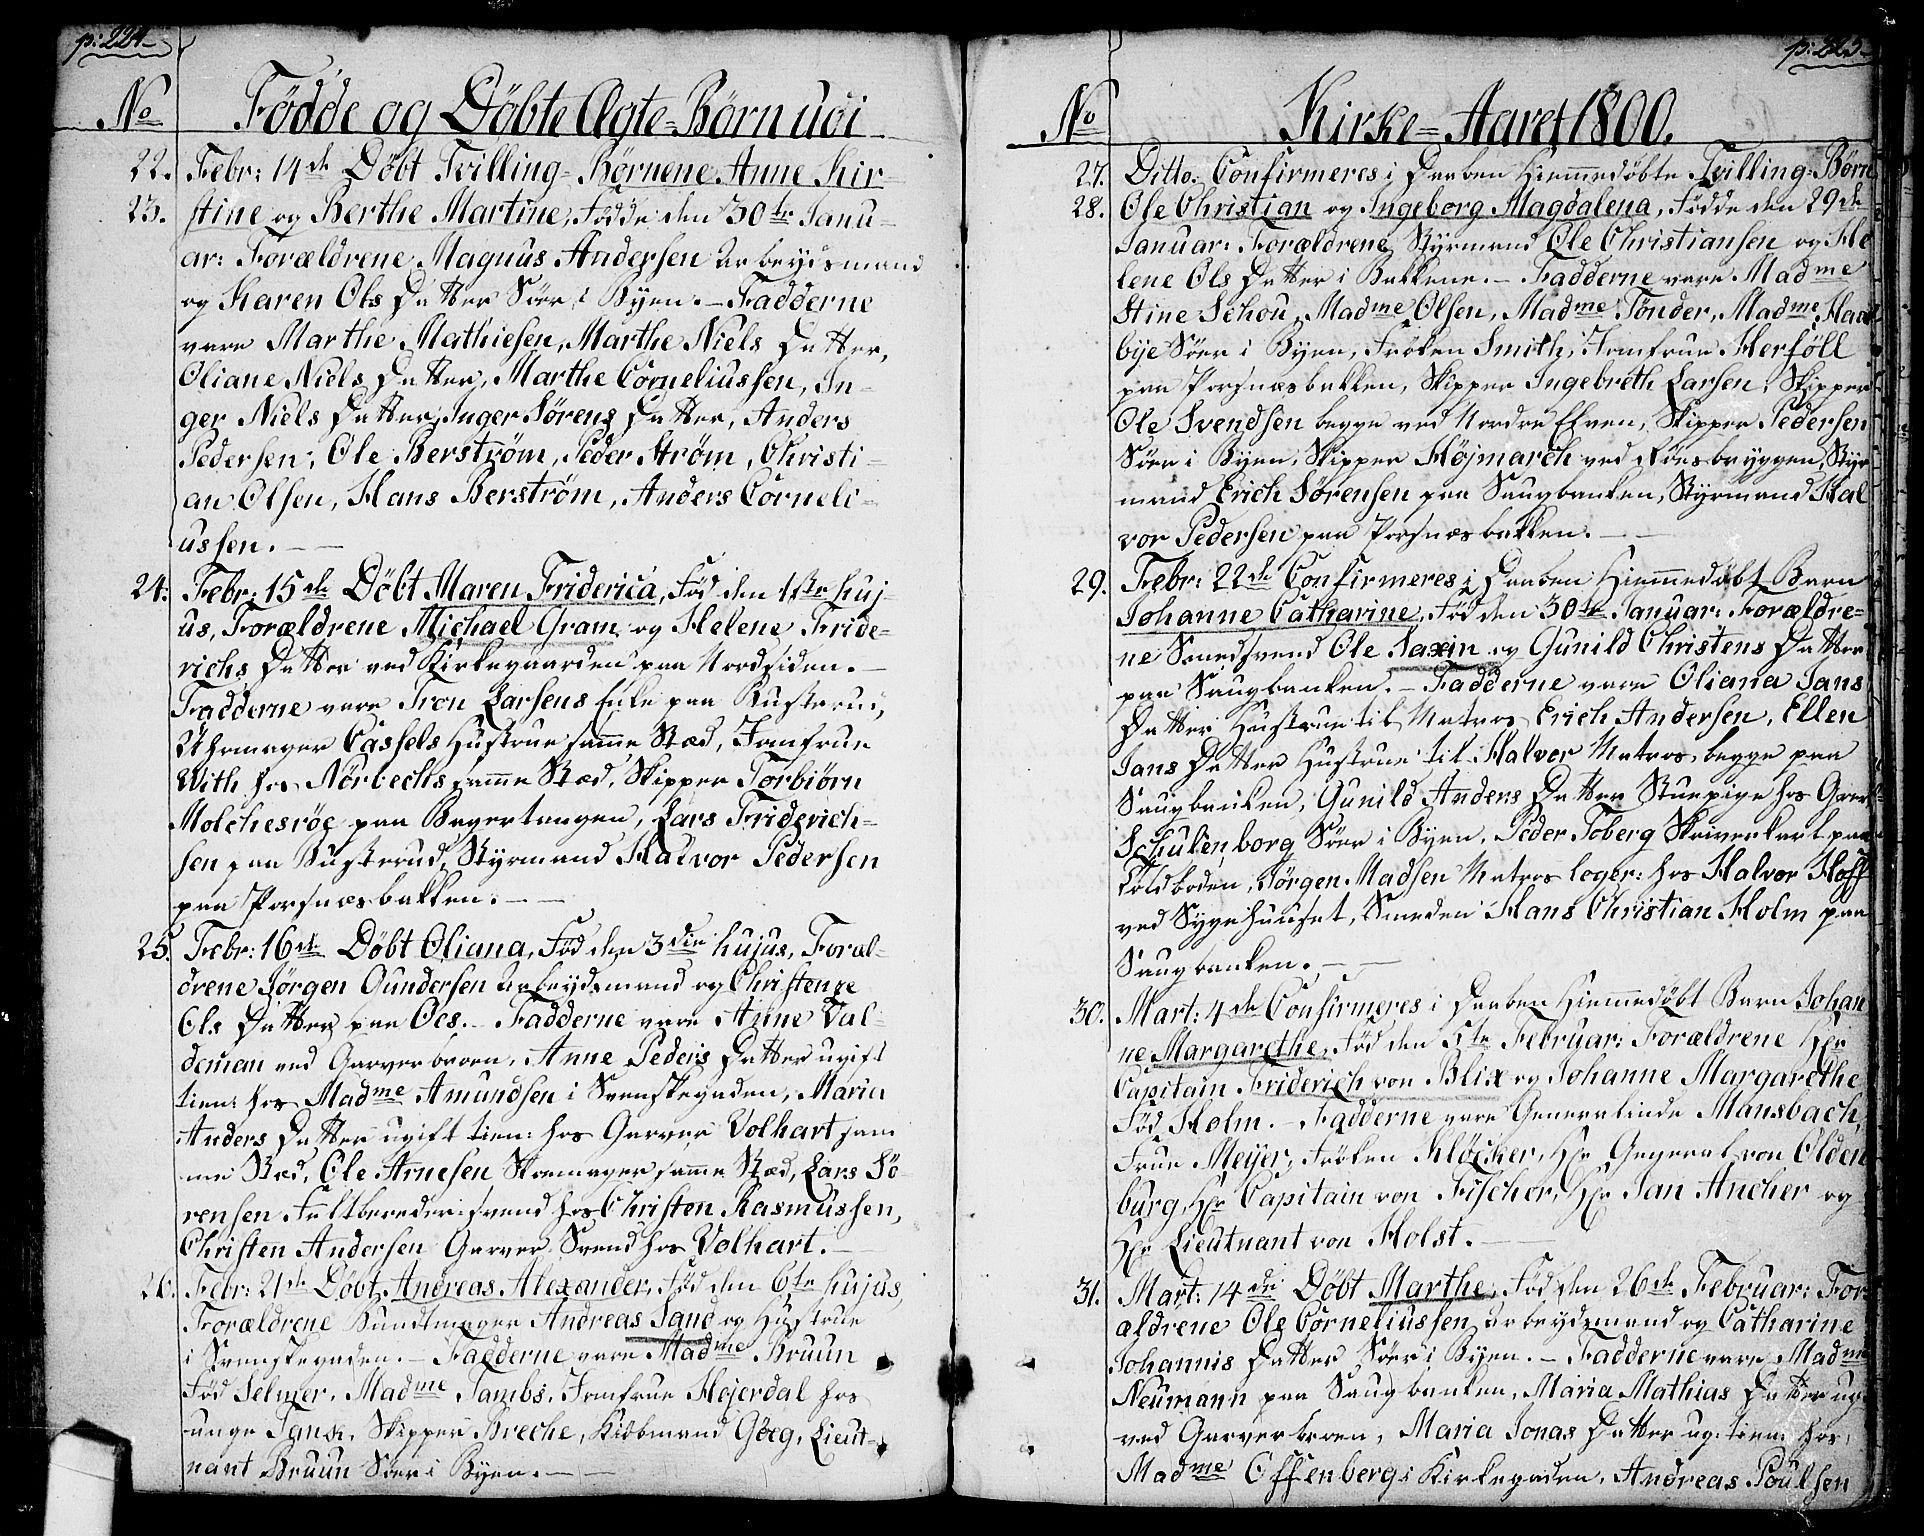 SAO, Halden prestekontor Kirkebøker, F/Fa/L0002: Ministerialbok nr. I 2, 1792-1812, s. 224-225